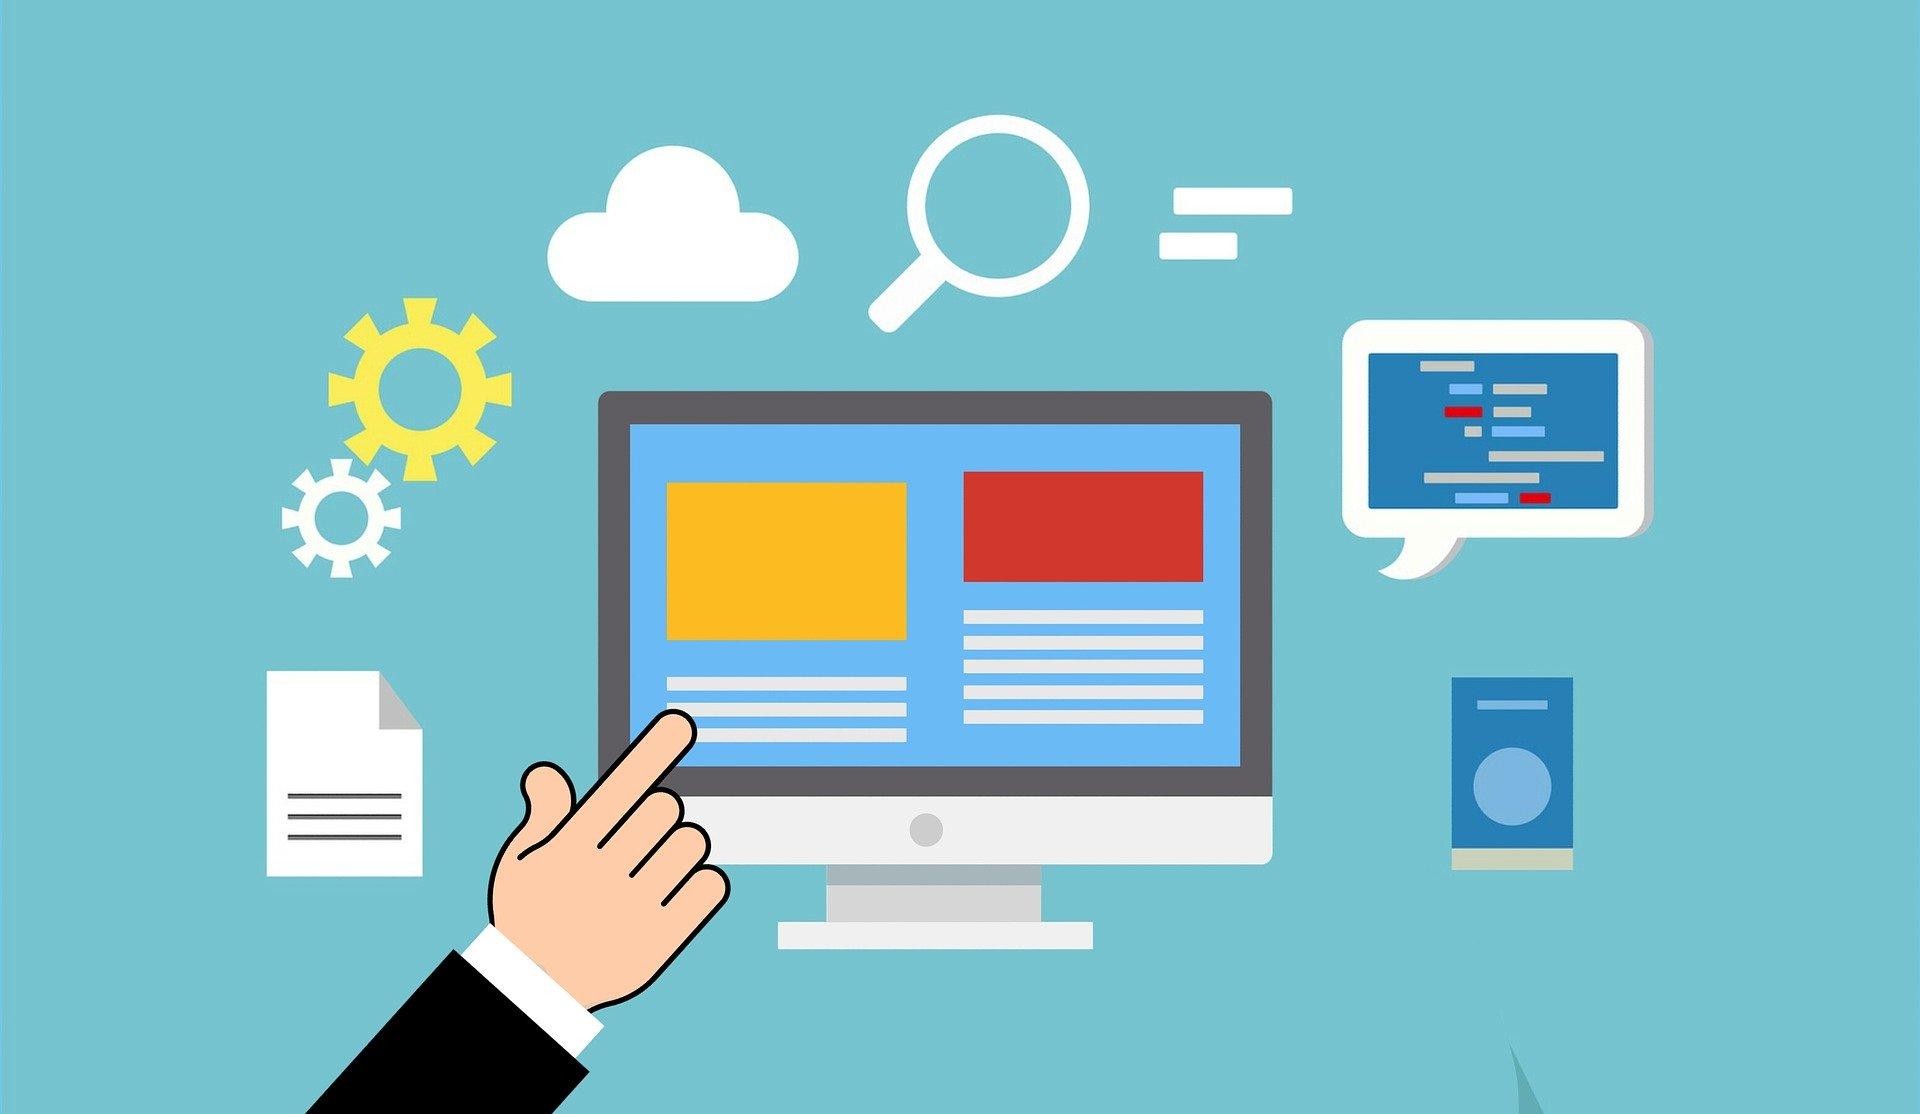 ¿Qué es un dominio y para qué sirve?